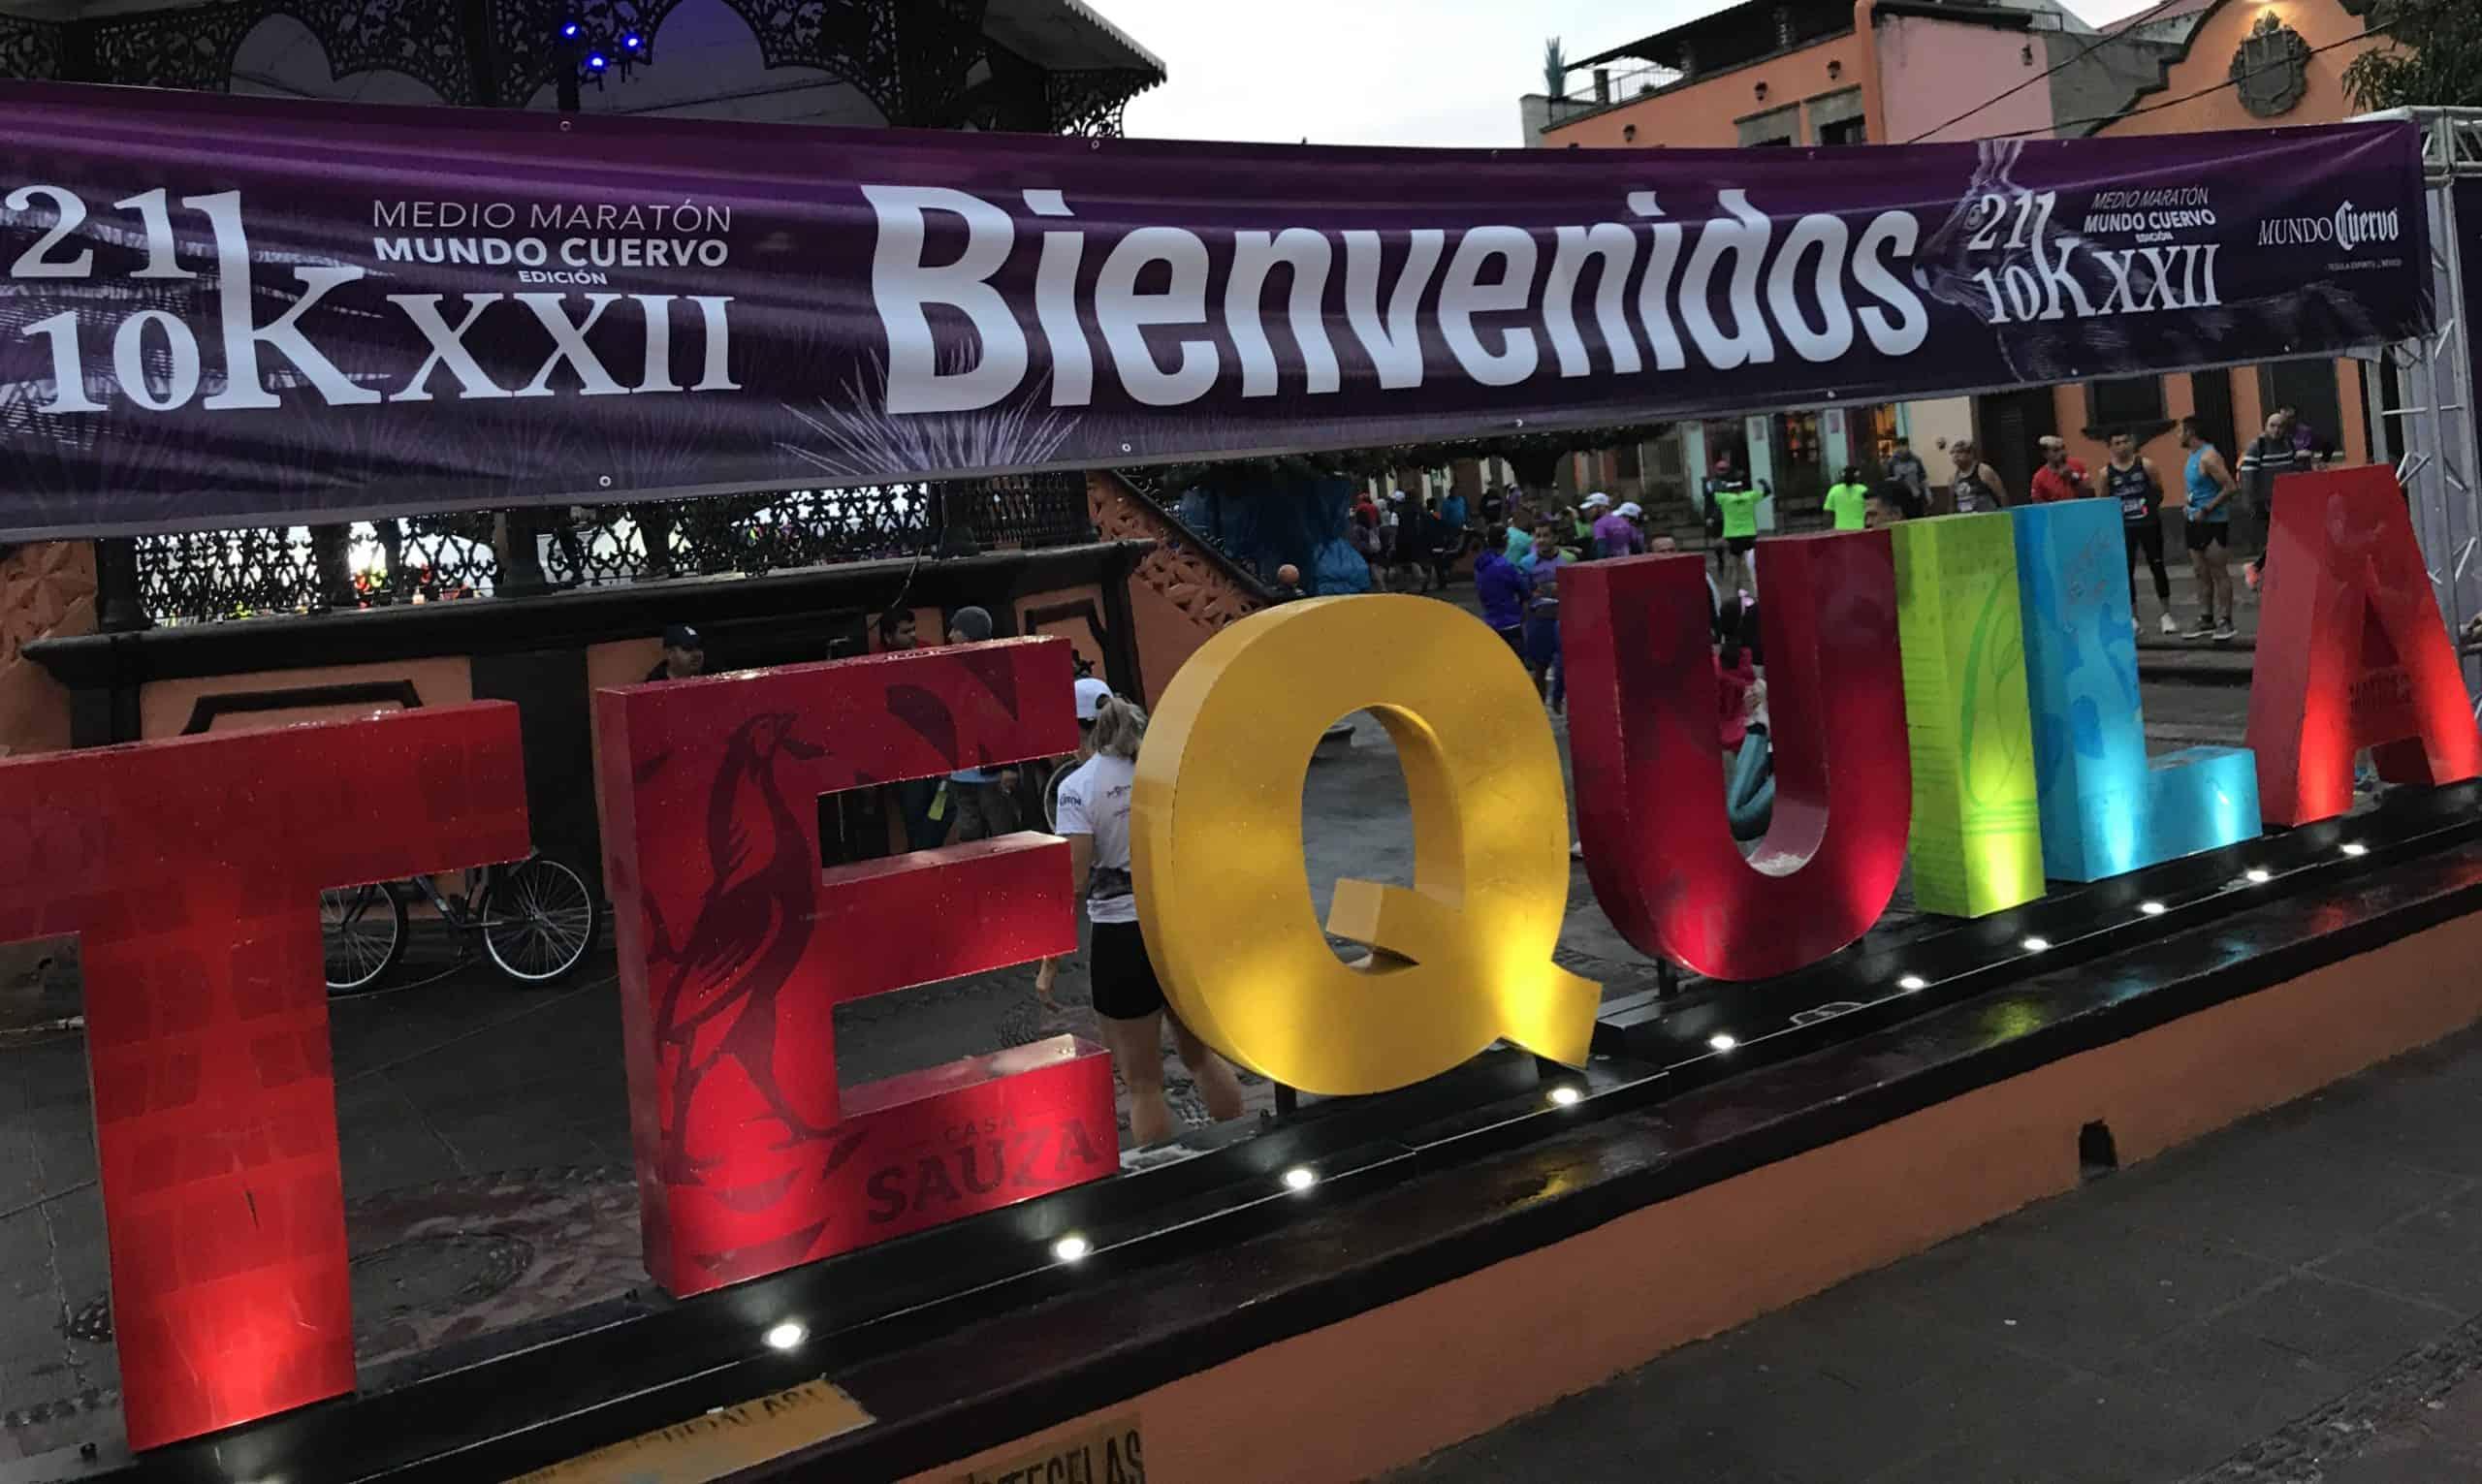 Tequila Medio Maratón Mundo Cuervo 2019